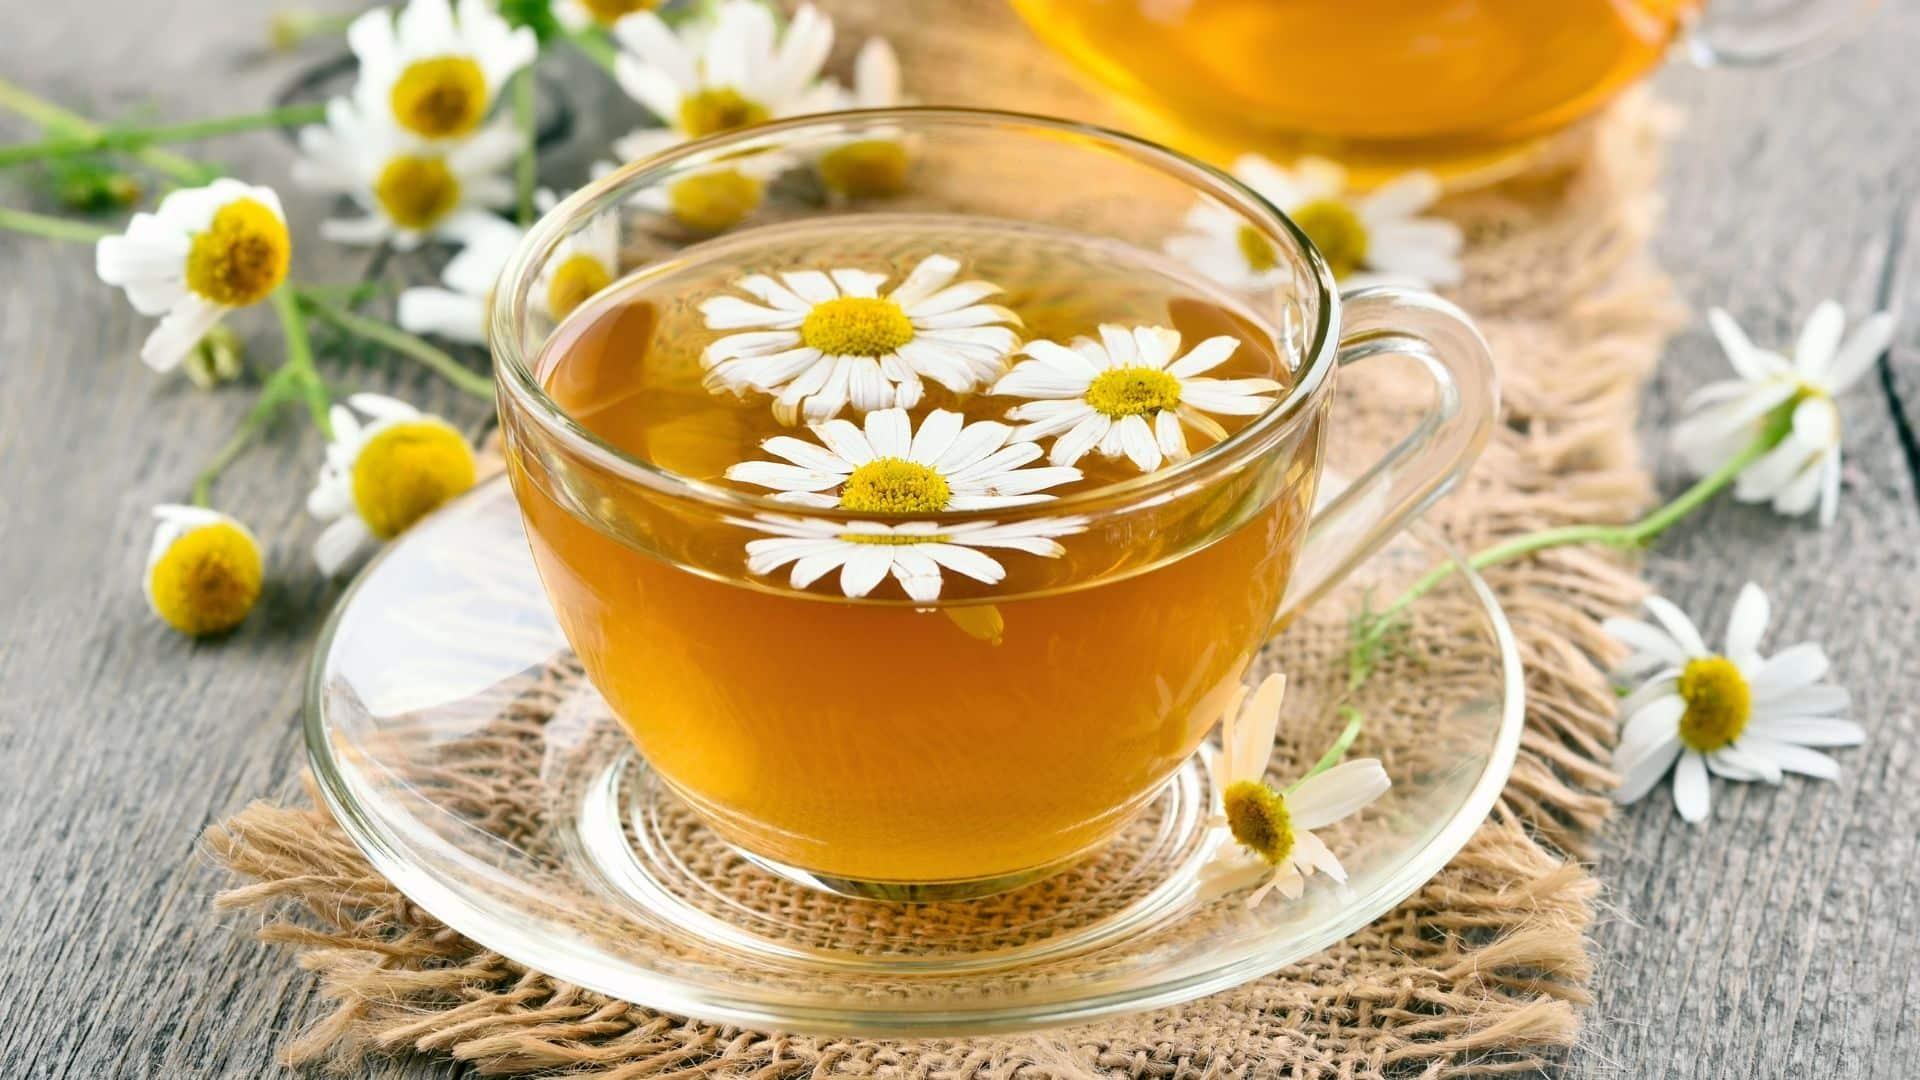 Mi a kamilla teák? Mire jó a kamilla tea? A kamilla egy olyan gyógynövény, amely apró, százszorszéphez hasonló virágokat hoz létre, amelyeket aztán szárítanak és vízbe áztatva kamilla teát készítenek.